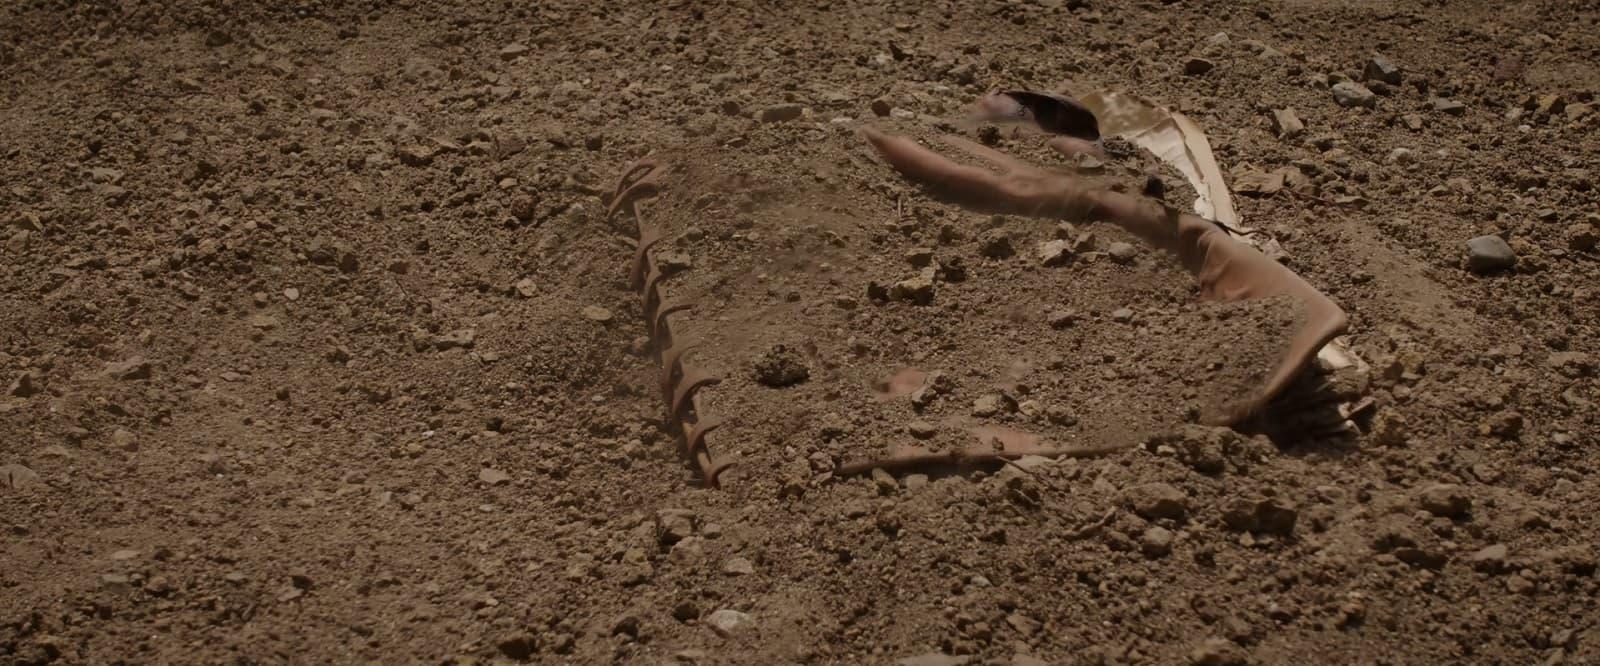 «Няня 2: Королева проклятых» - сцена после титров намекает на продолжение - 01